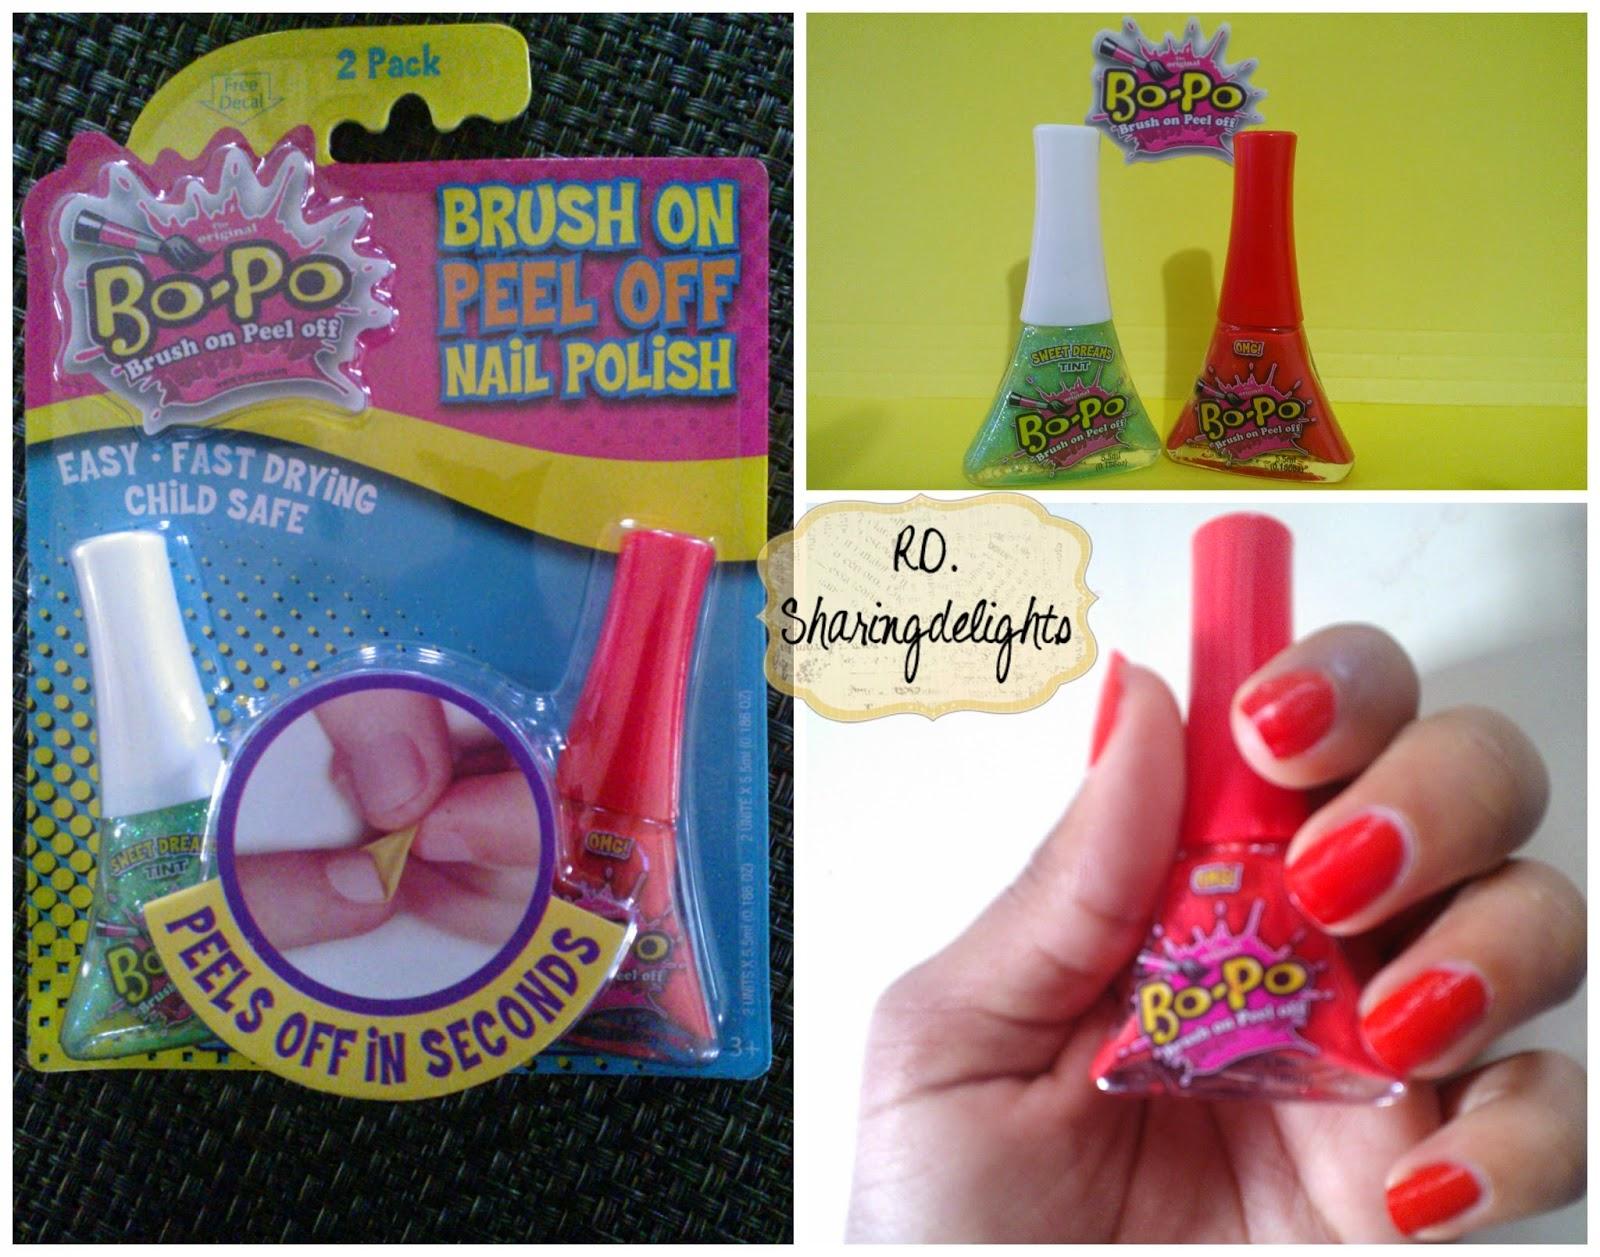 Bo-Po nail polish review and giveaway! #bopofun |